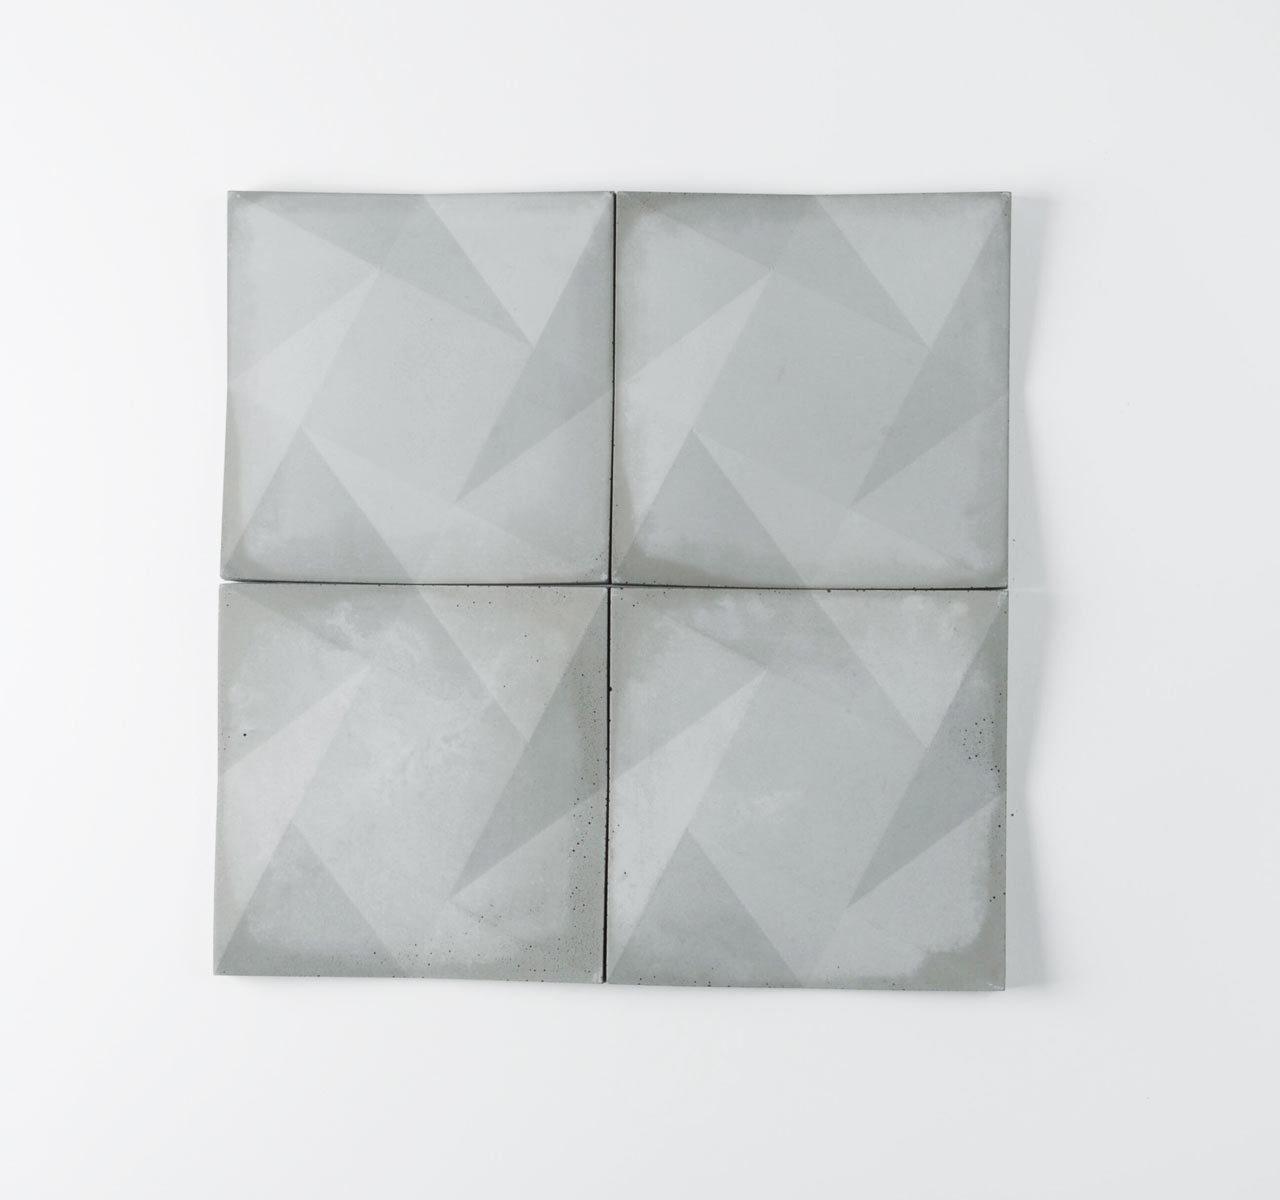 IY Concrete Tile | KitchAnn Style